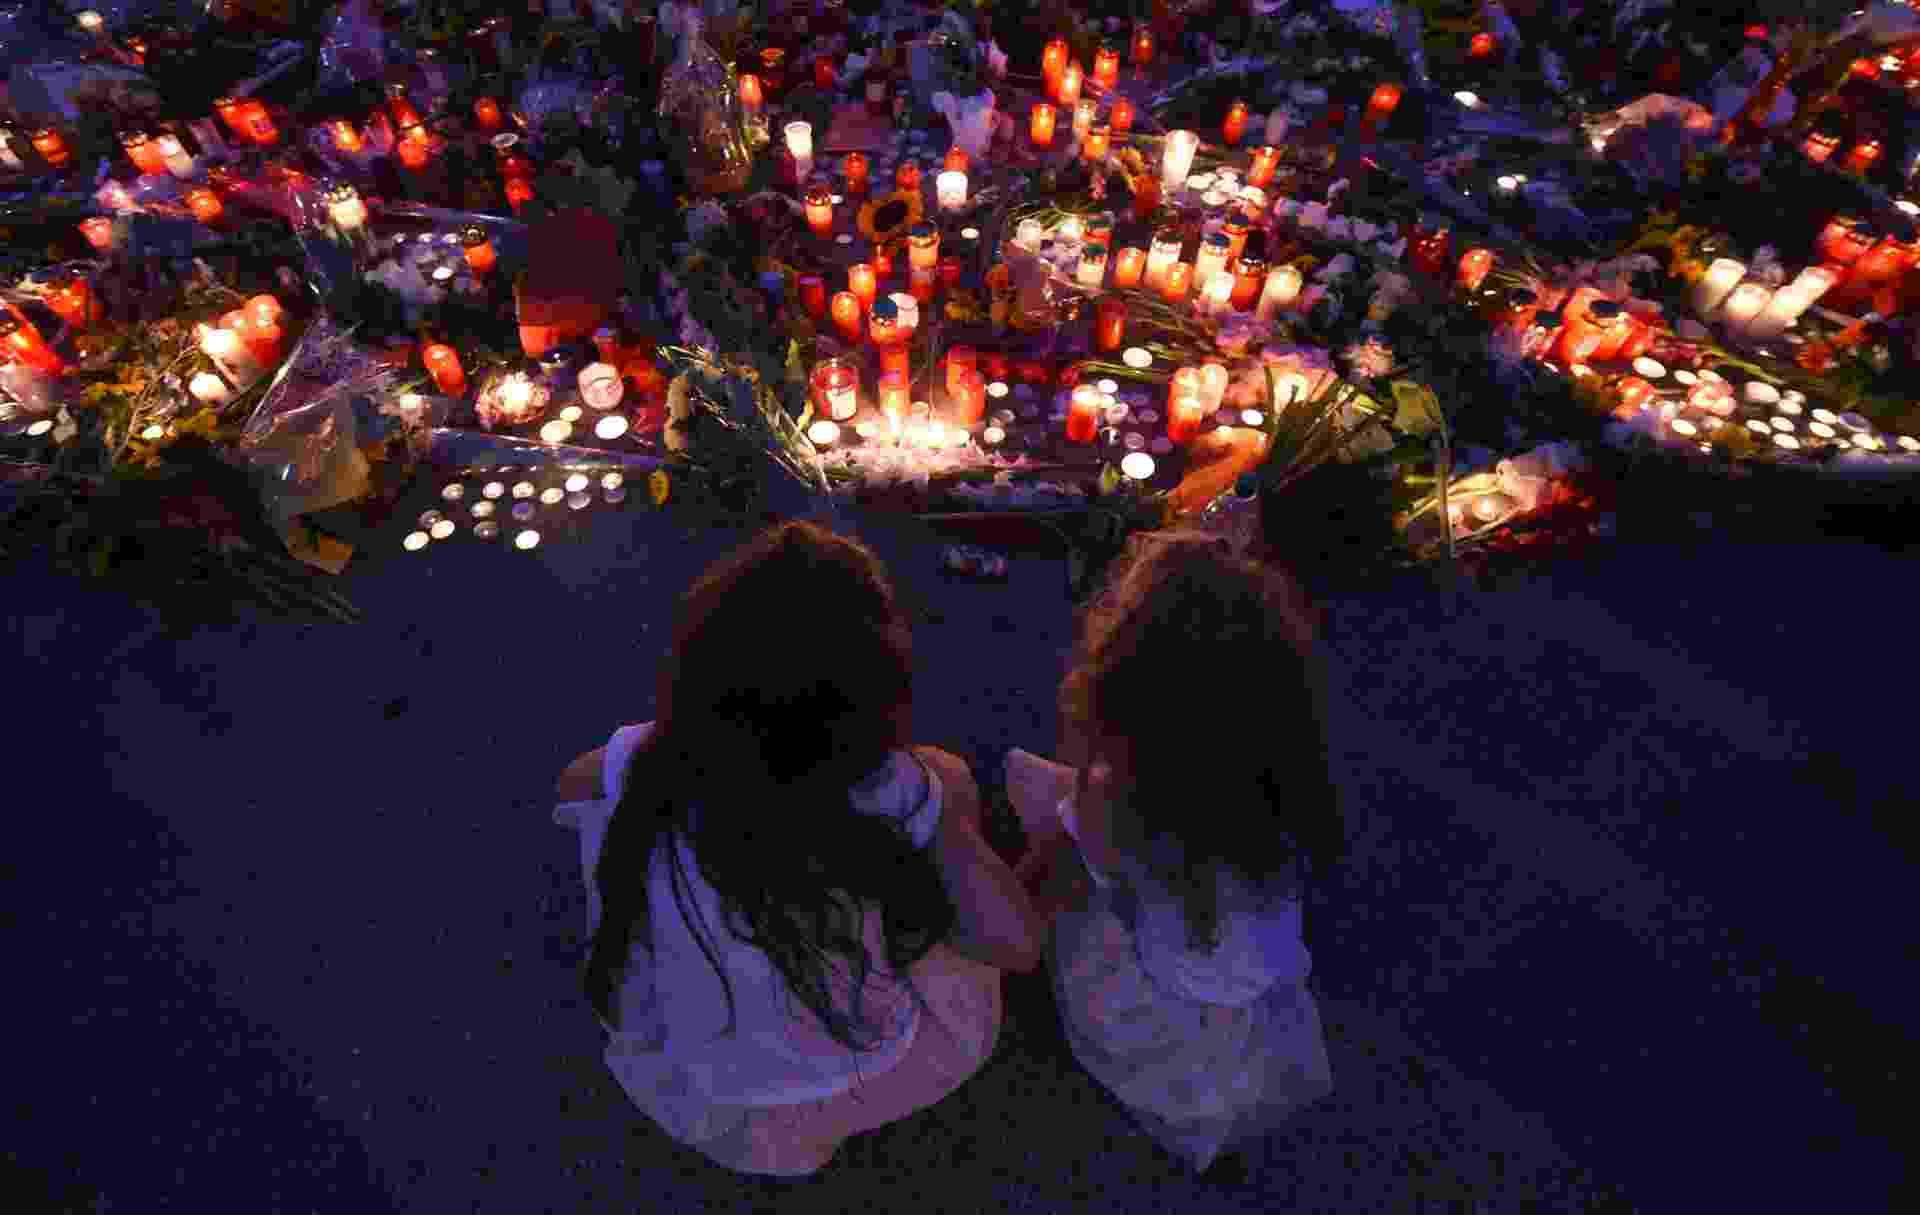 24.jul.2016 - Flores e velas são colocadas em memorial para as vítimas do atentado no shopping Olympia, em Munique (Alemanha). Um atirador com nacionalidade alemã e iraniana, de 18 anos, matou nove pessoas e deixou dezenas de feridos. Ele se matou em seguida - Christof Stache/AFP